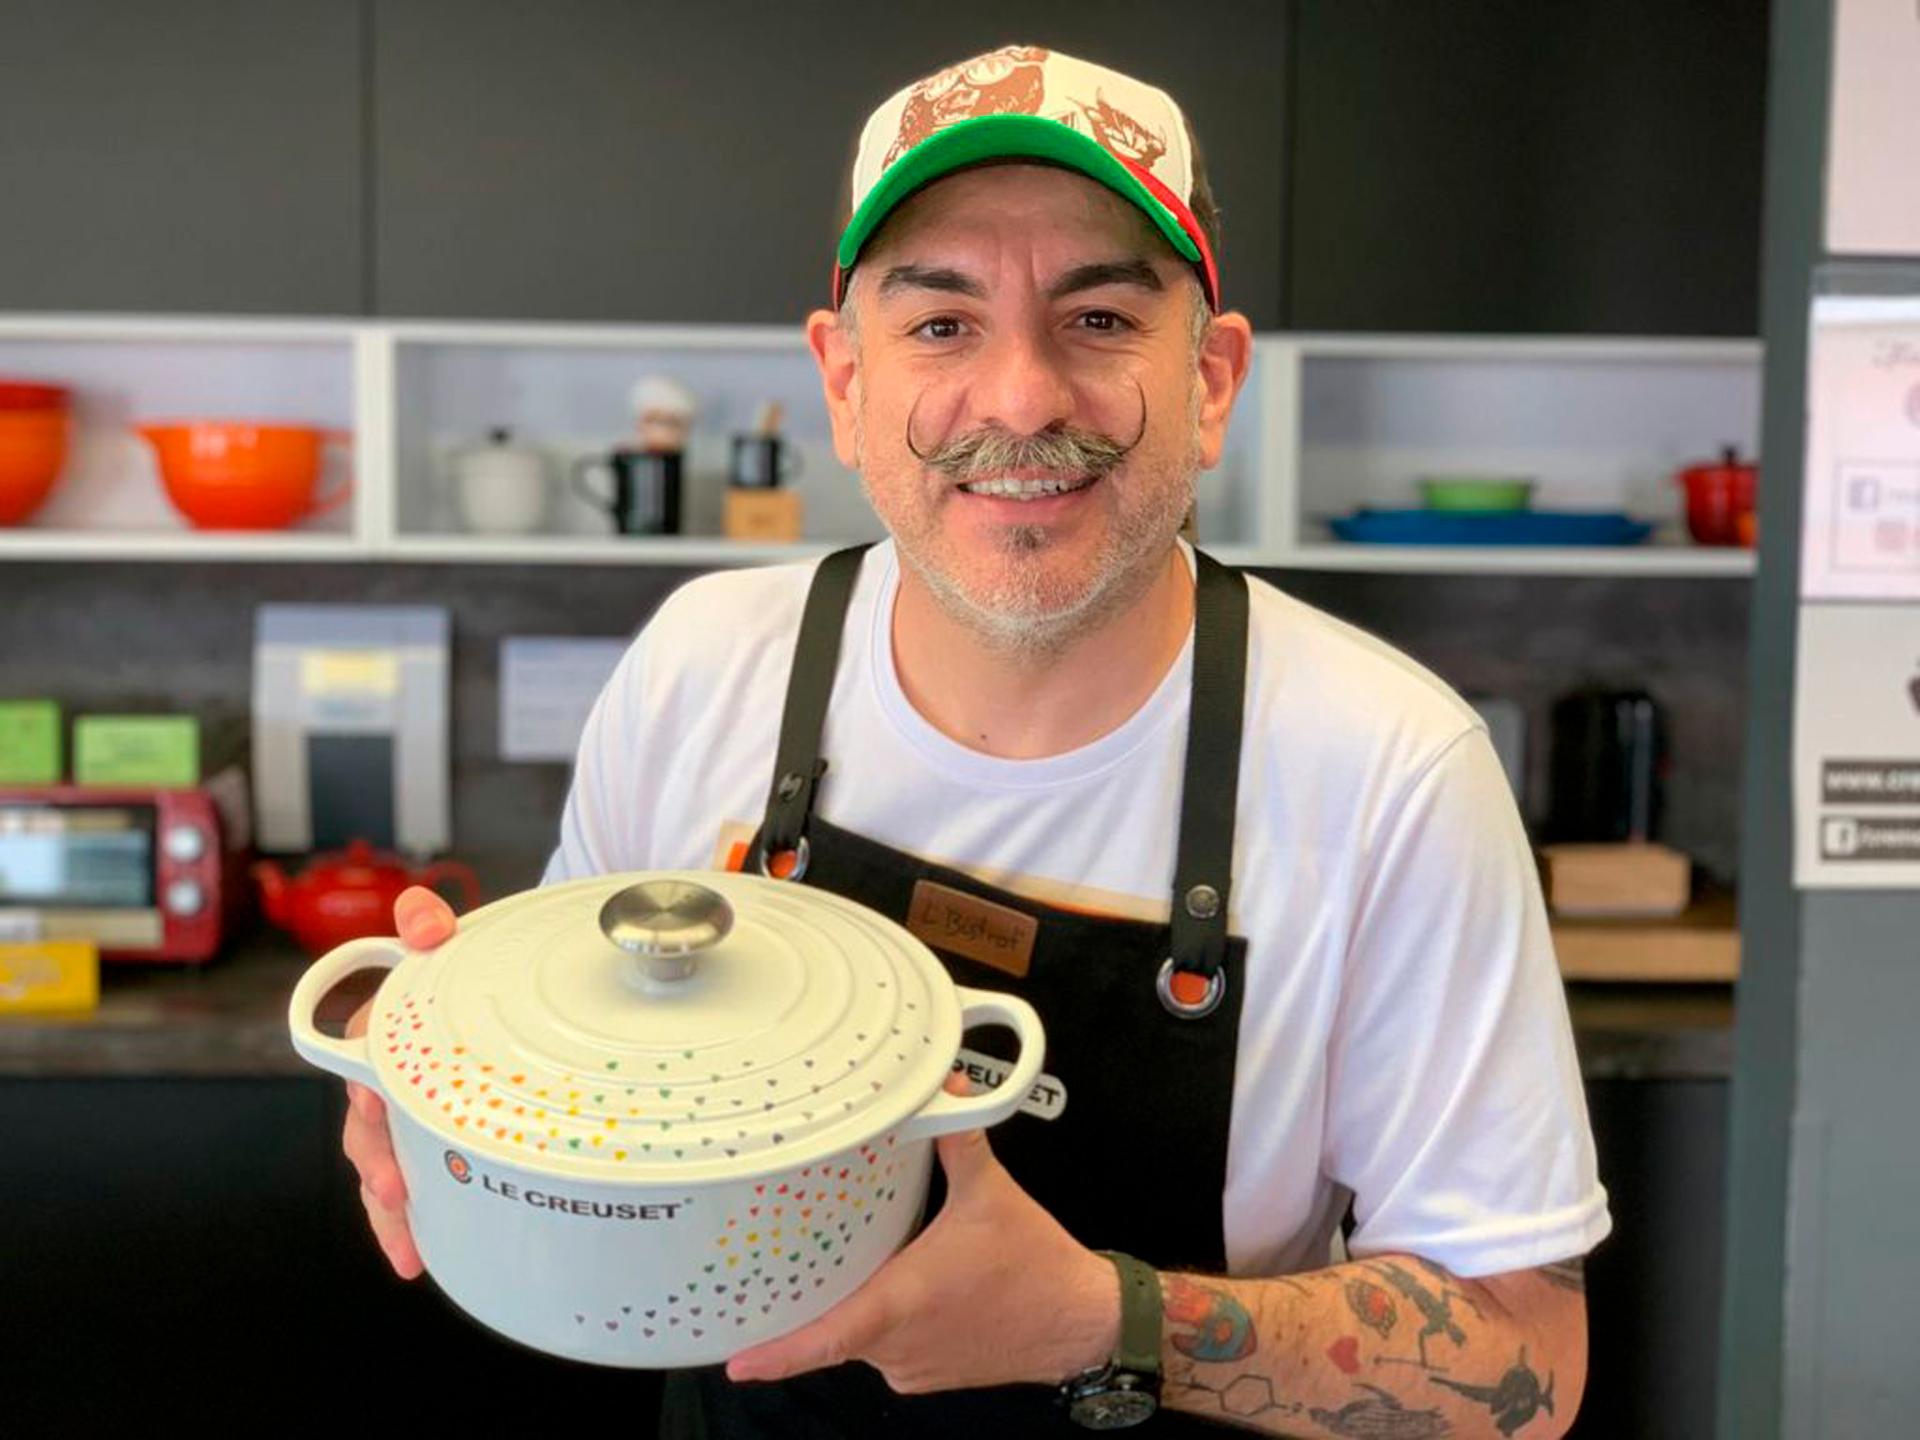 Chef Aquiles Chávez con la cacerola Love